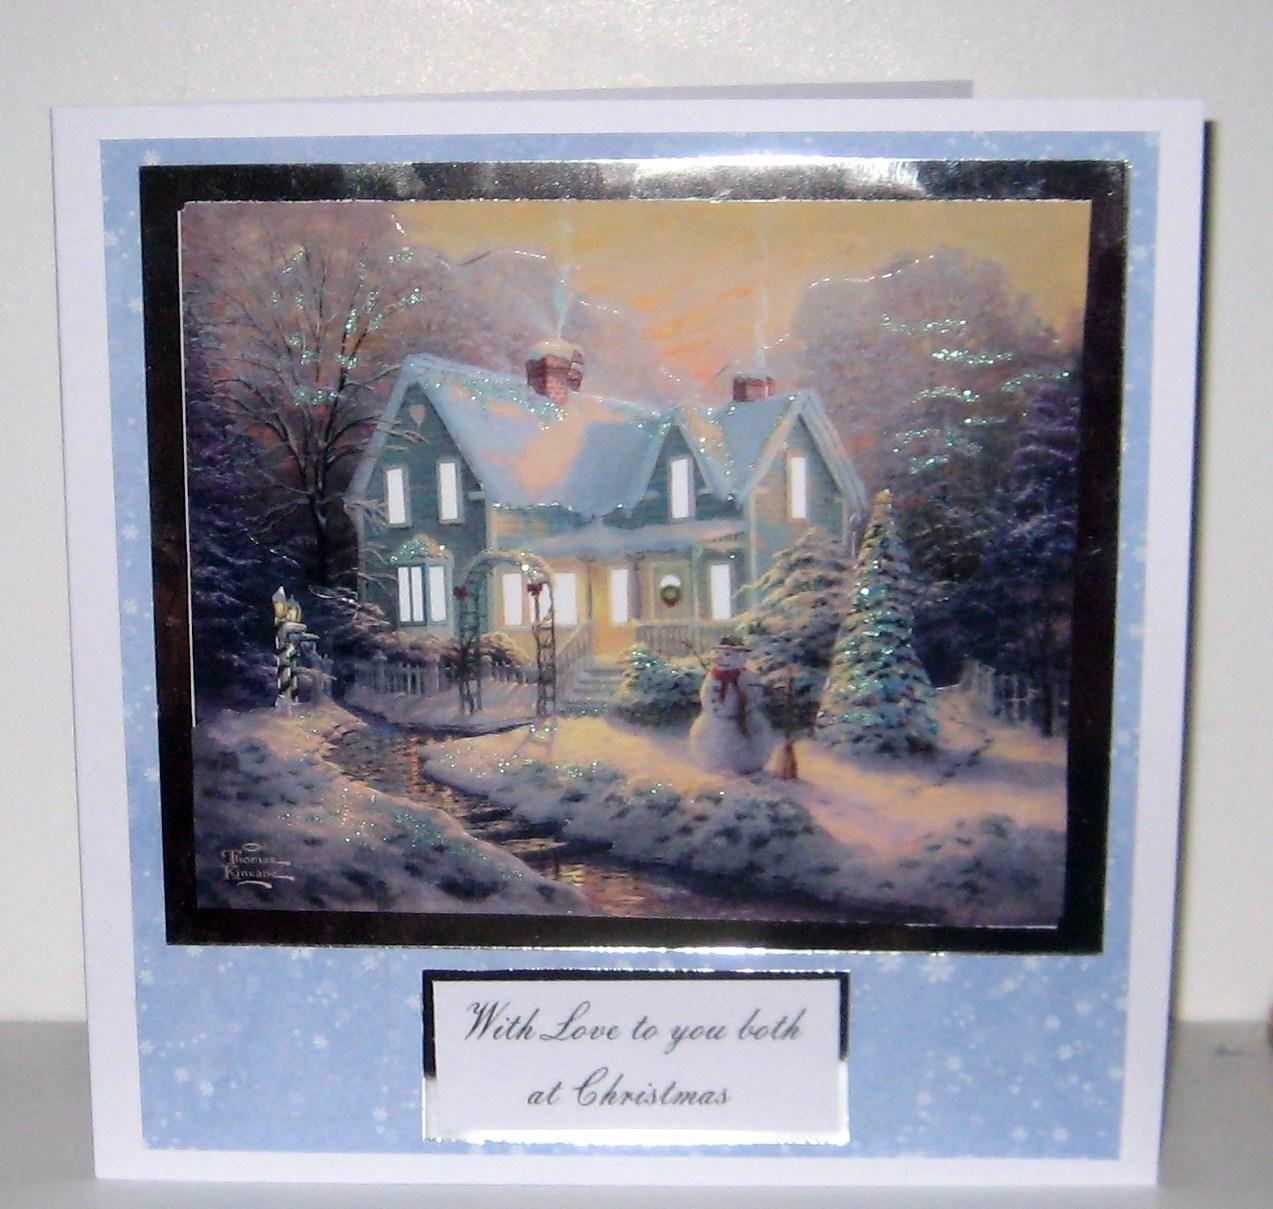 Thomas Kinkade Christmas Card by me! | Thomas Kinkade X-Mas Cards ...